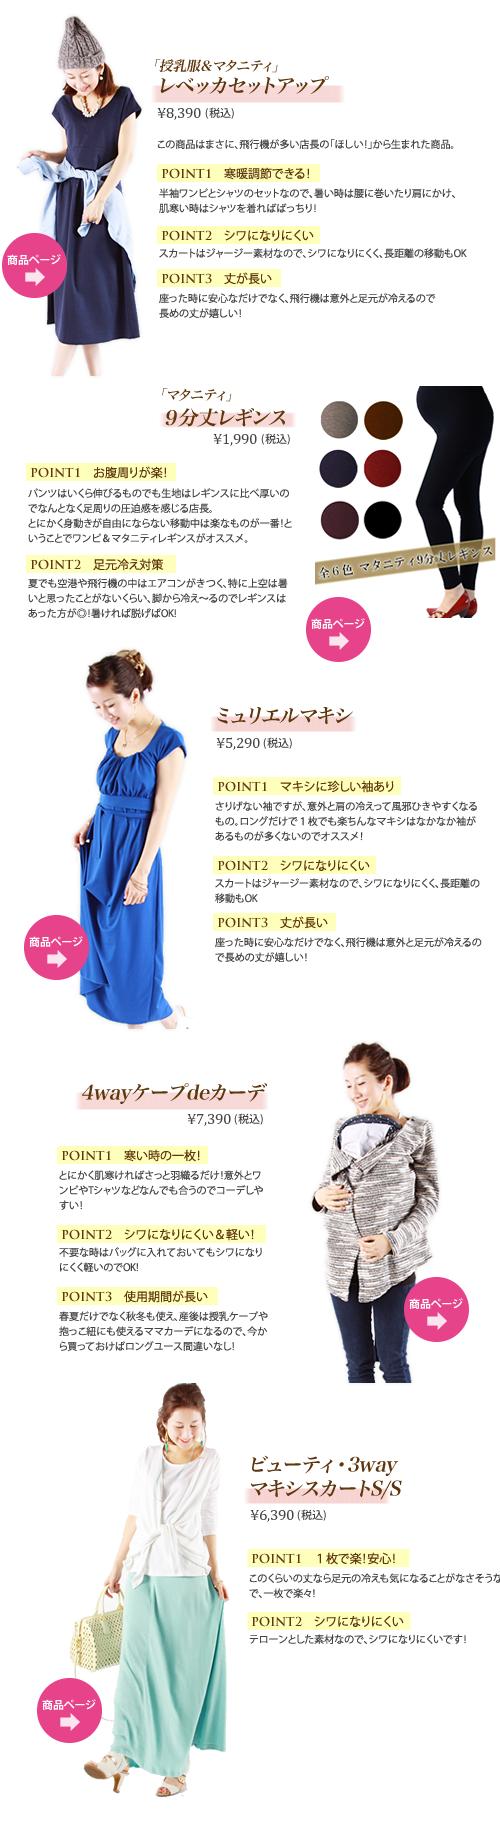 春夏の妊娠中飛行機 オススメファッション